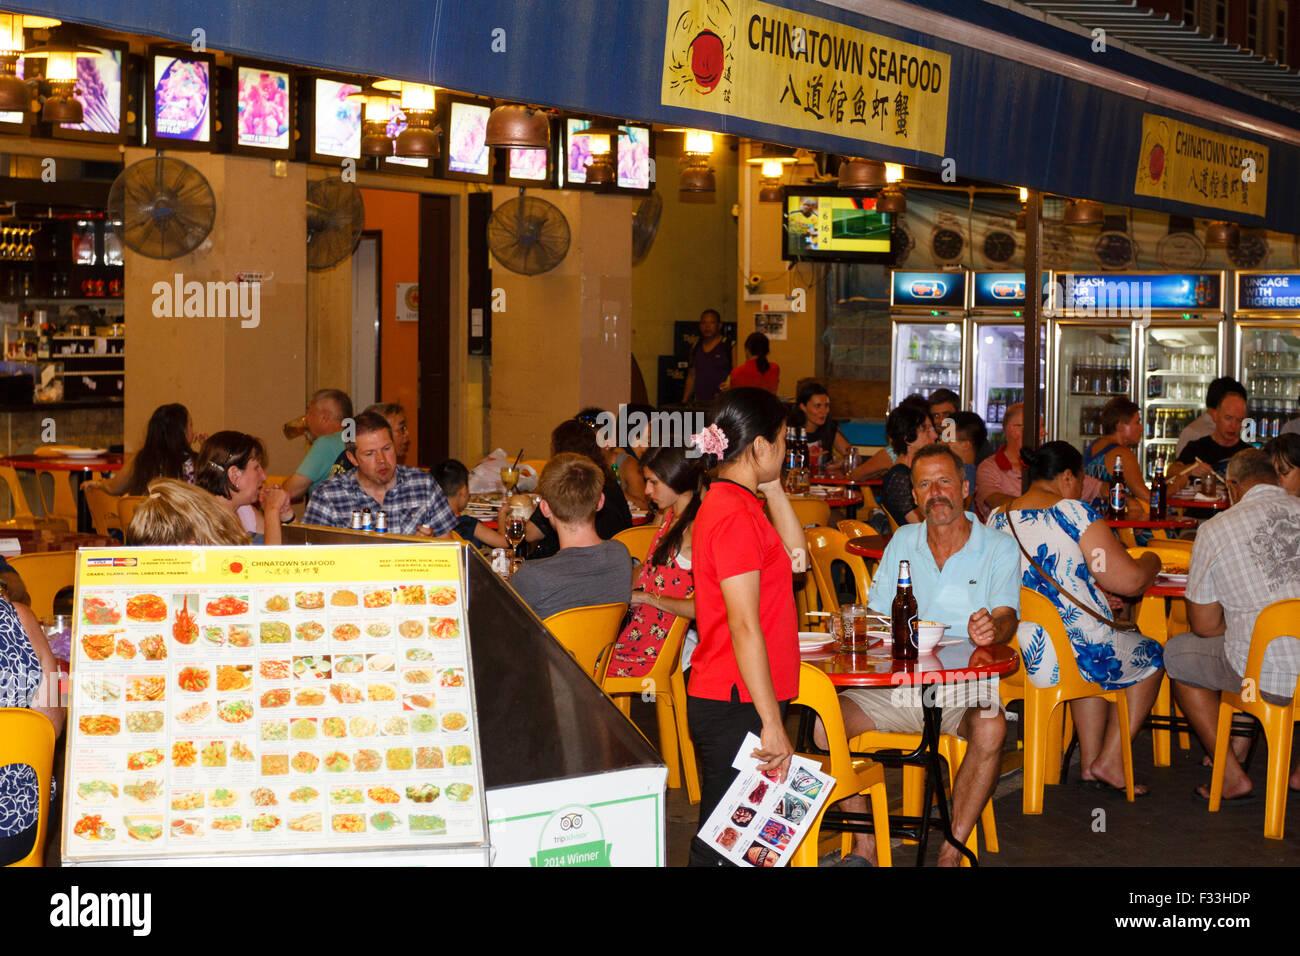 Personas cenando en un restaurante de marisco en Chinatown en Singapur. Imagen De Stock